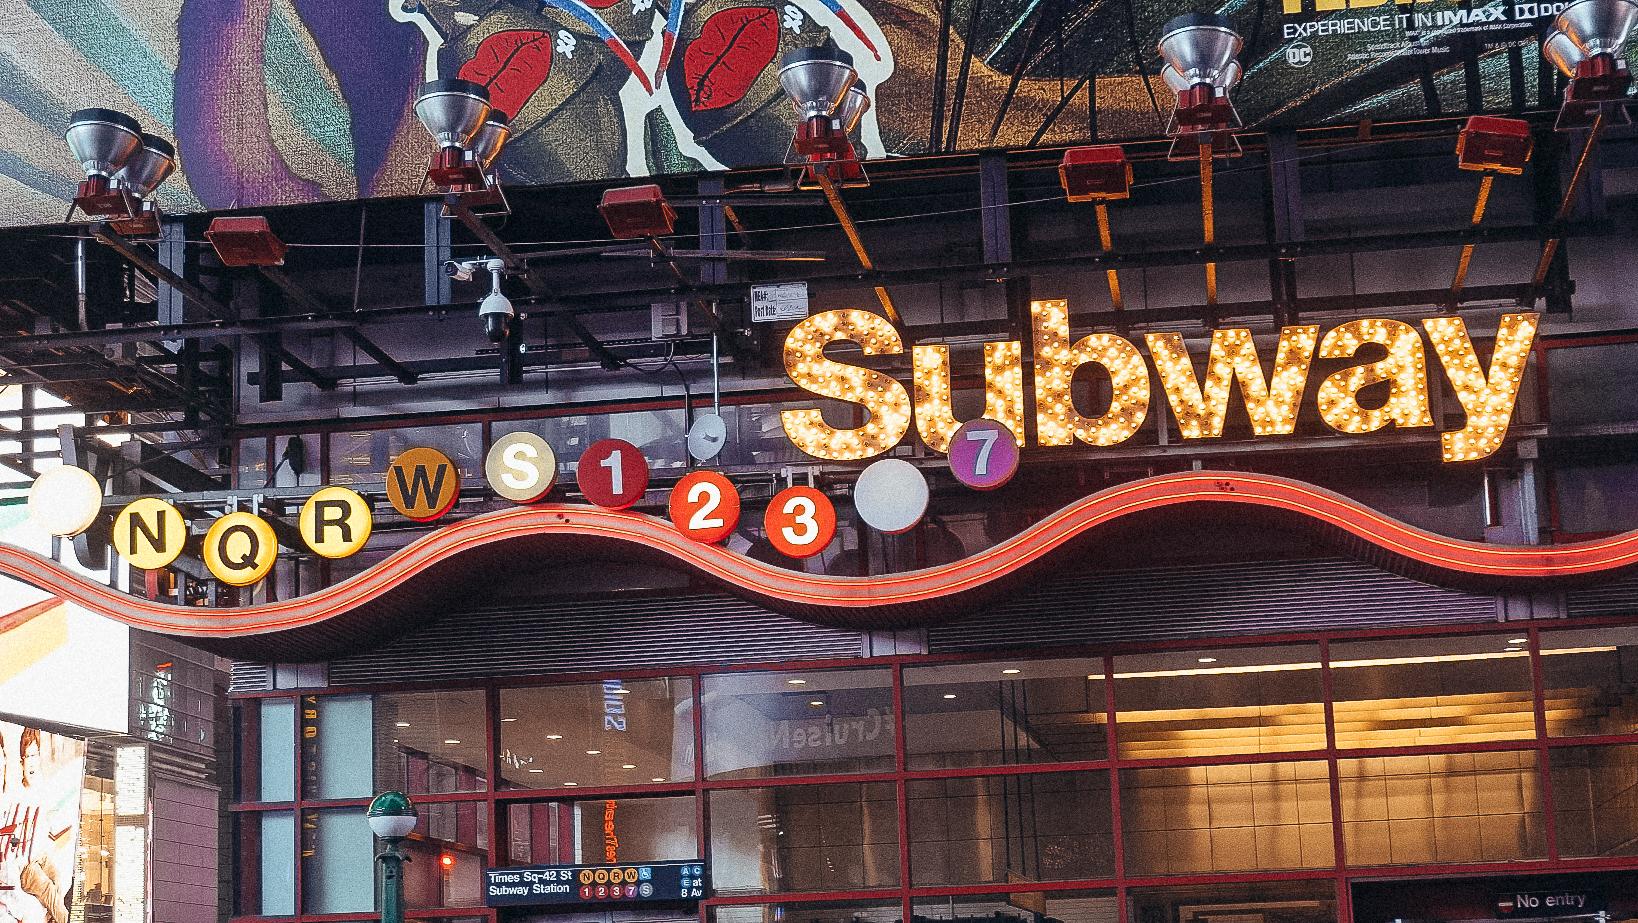 Foto da placa iluminada na entrada do metrô de Nova York